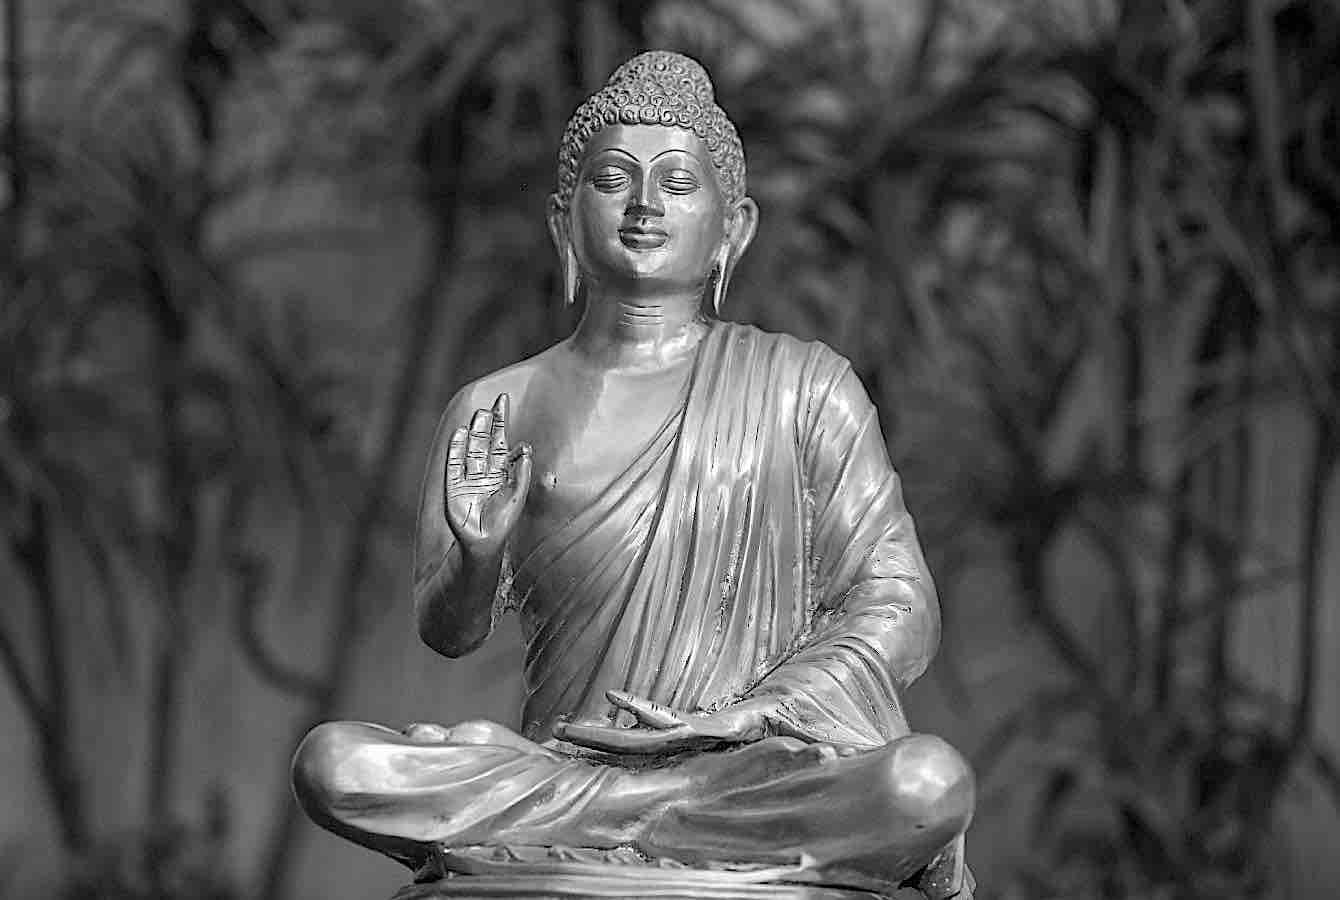 India, Iran, Tibet, Buddhism